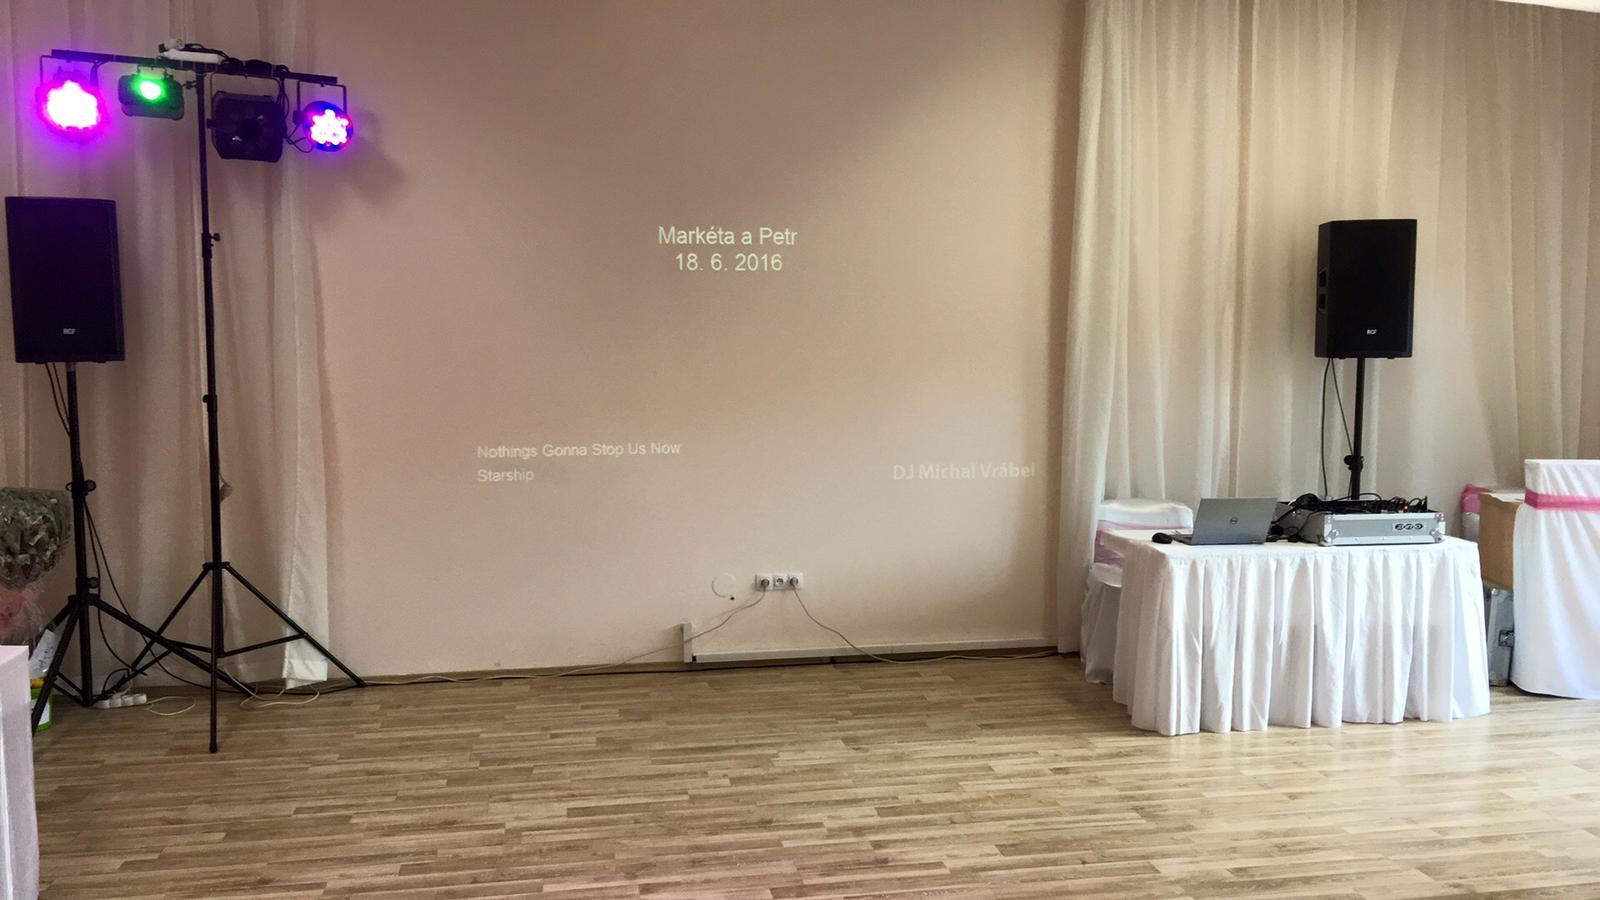 Nachystáno na párty:) - Hotel Lony, 1,5kW + videodisco